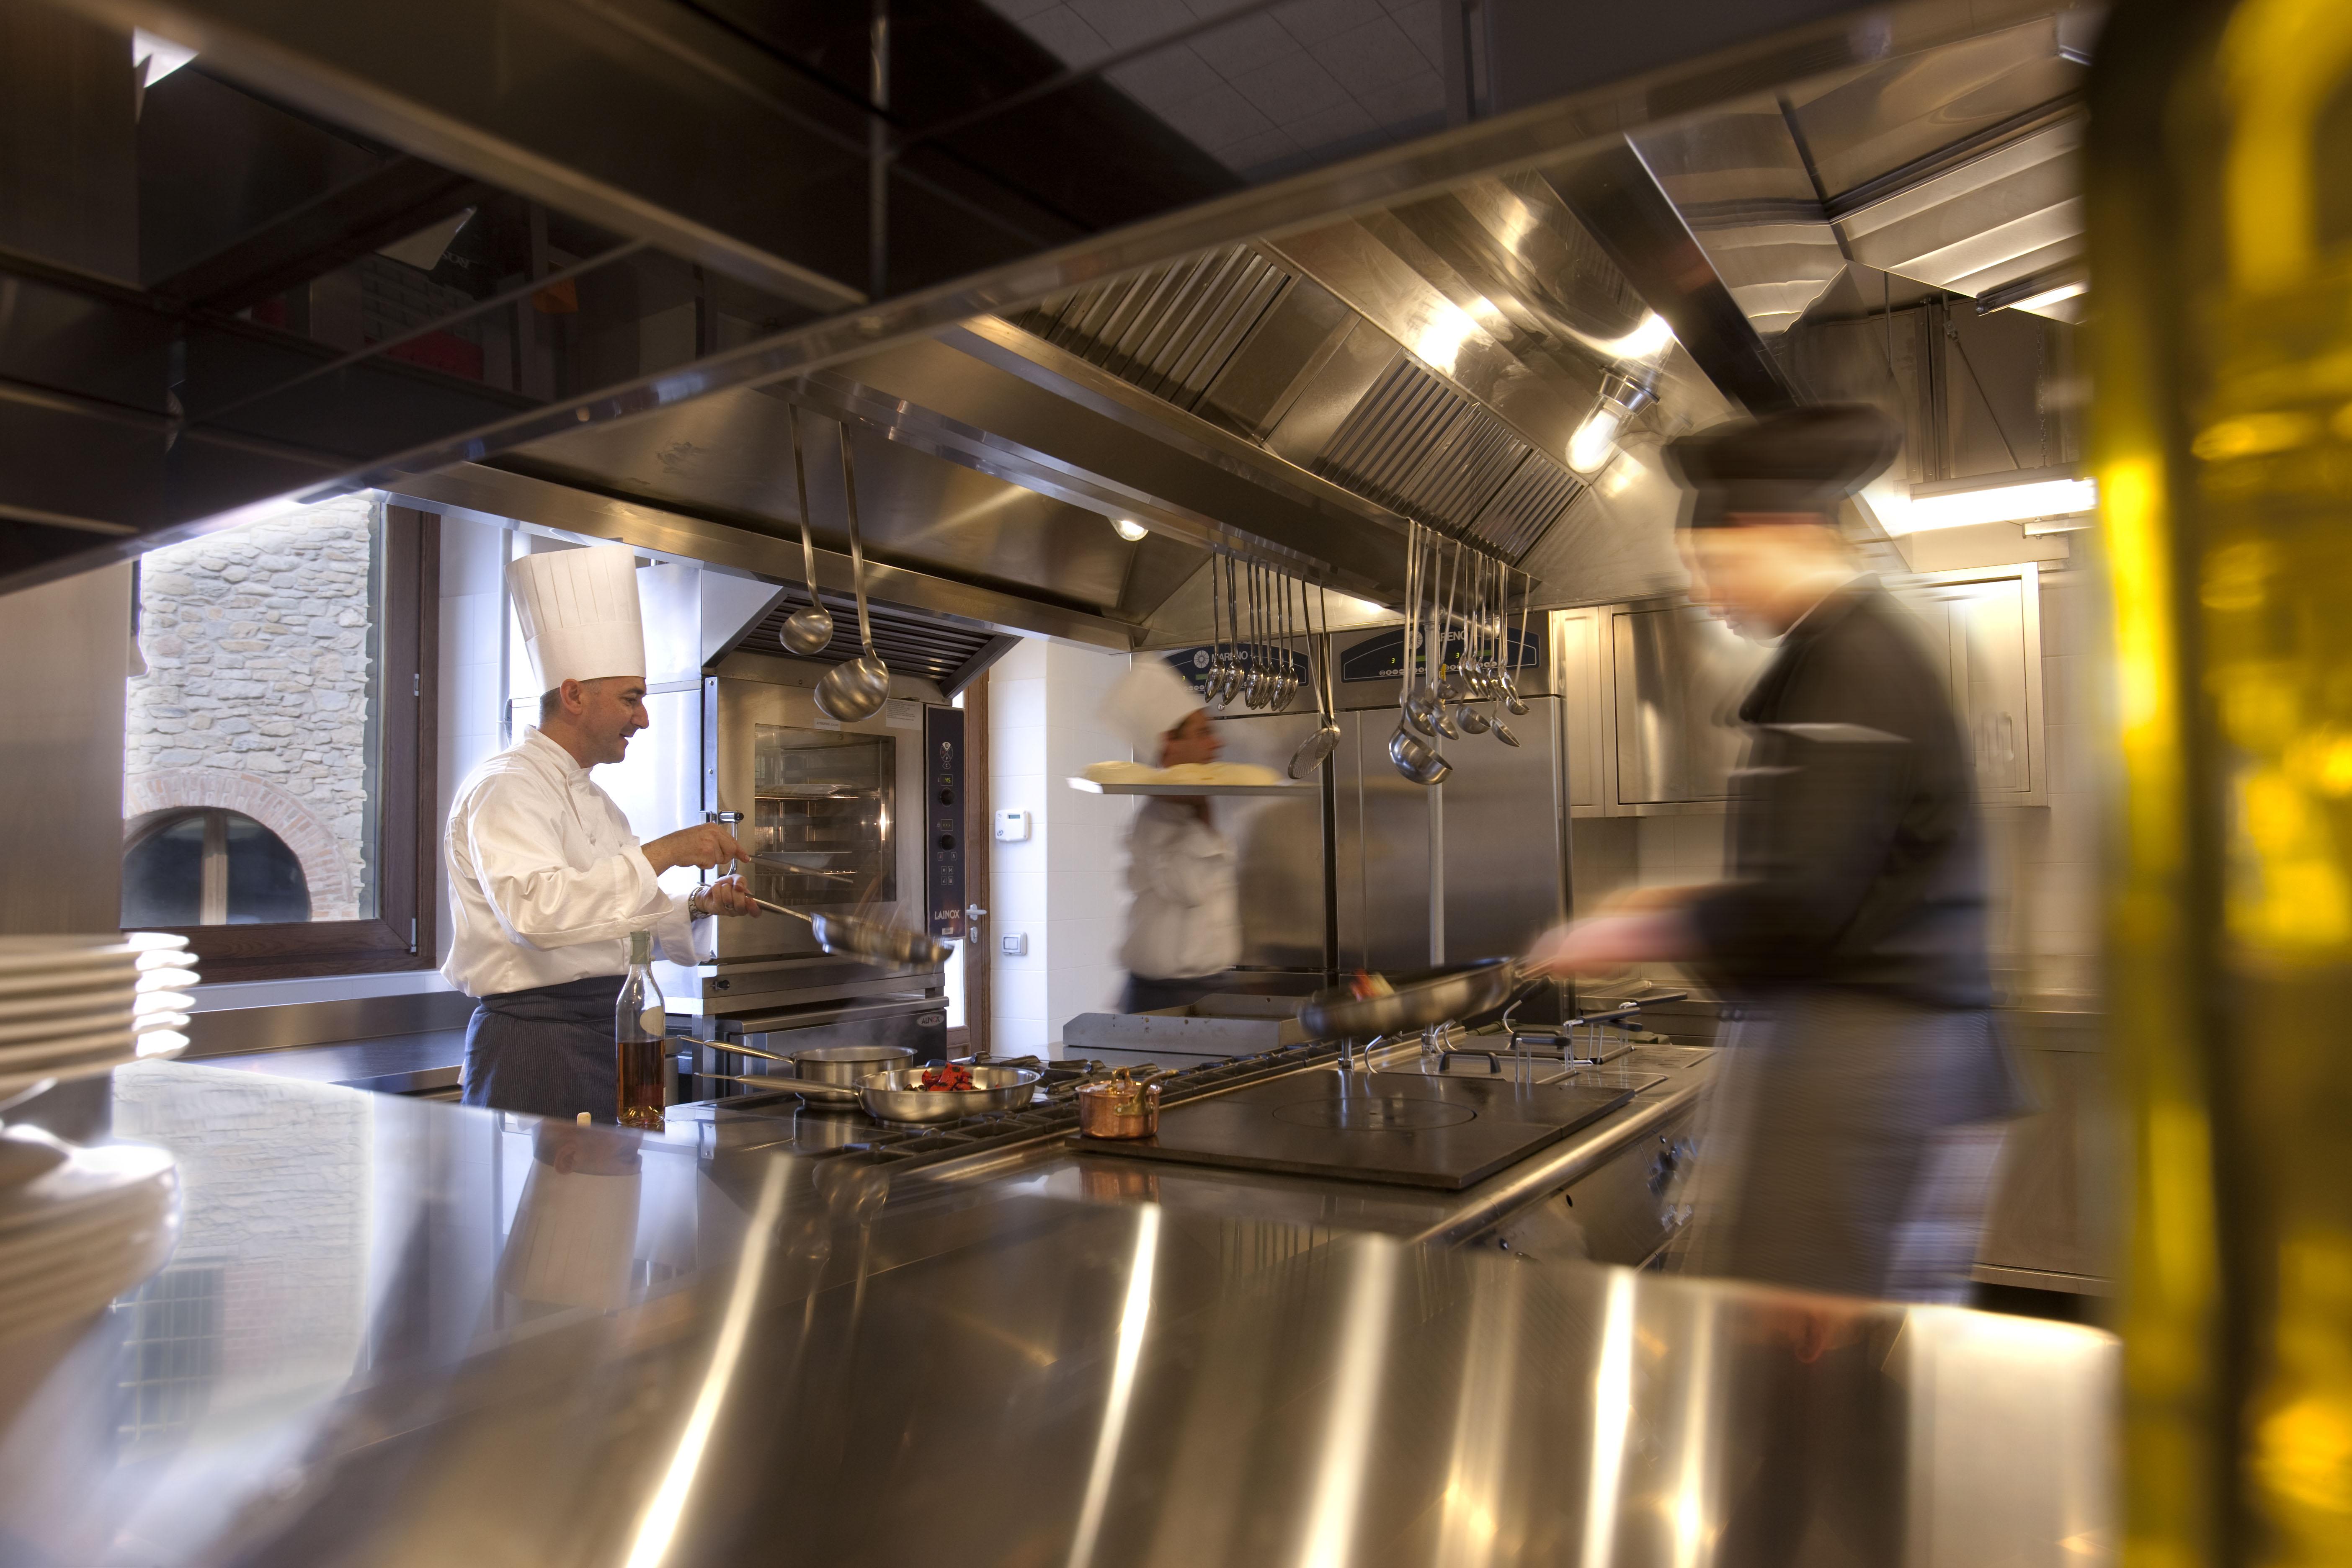 La cucina di un ristorante con due chef al lavoro